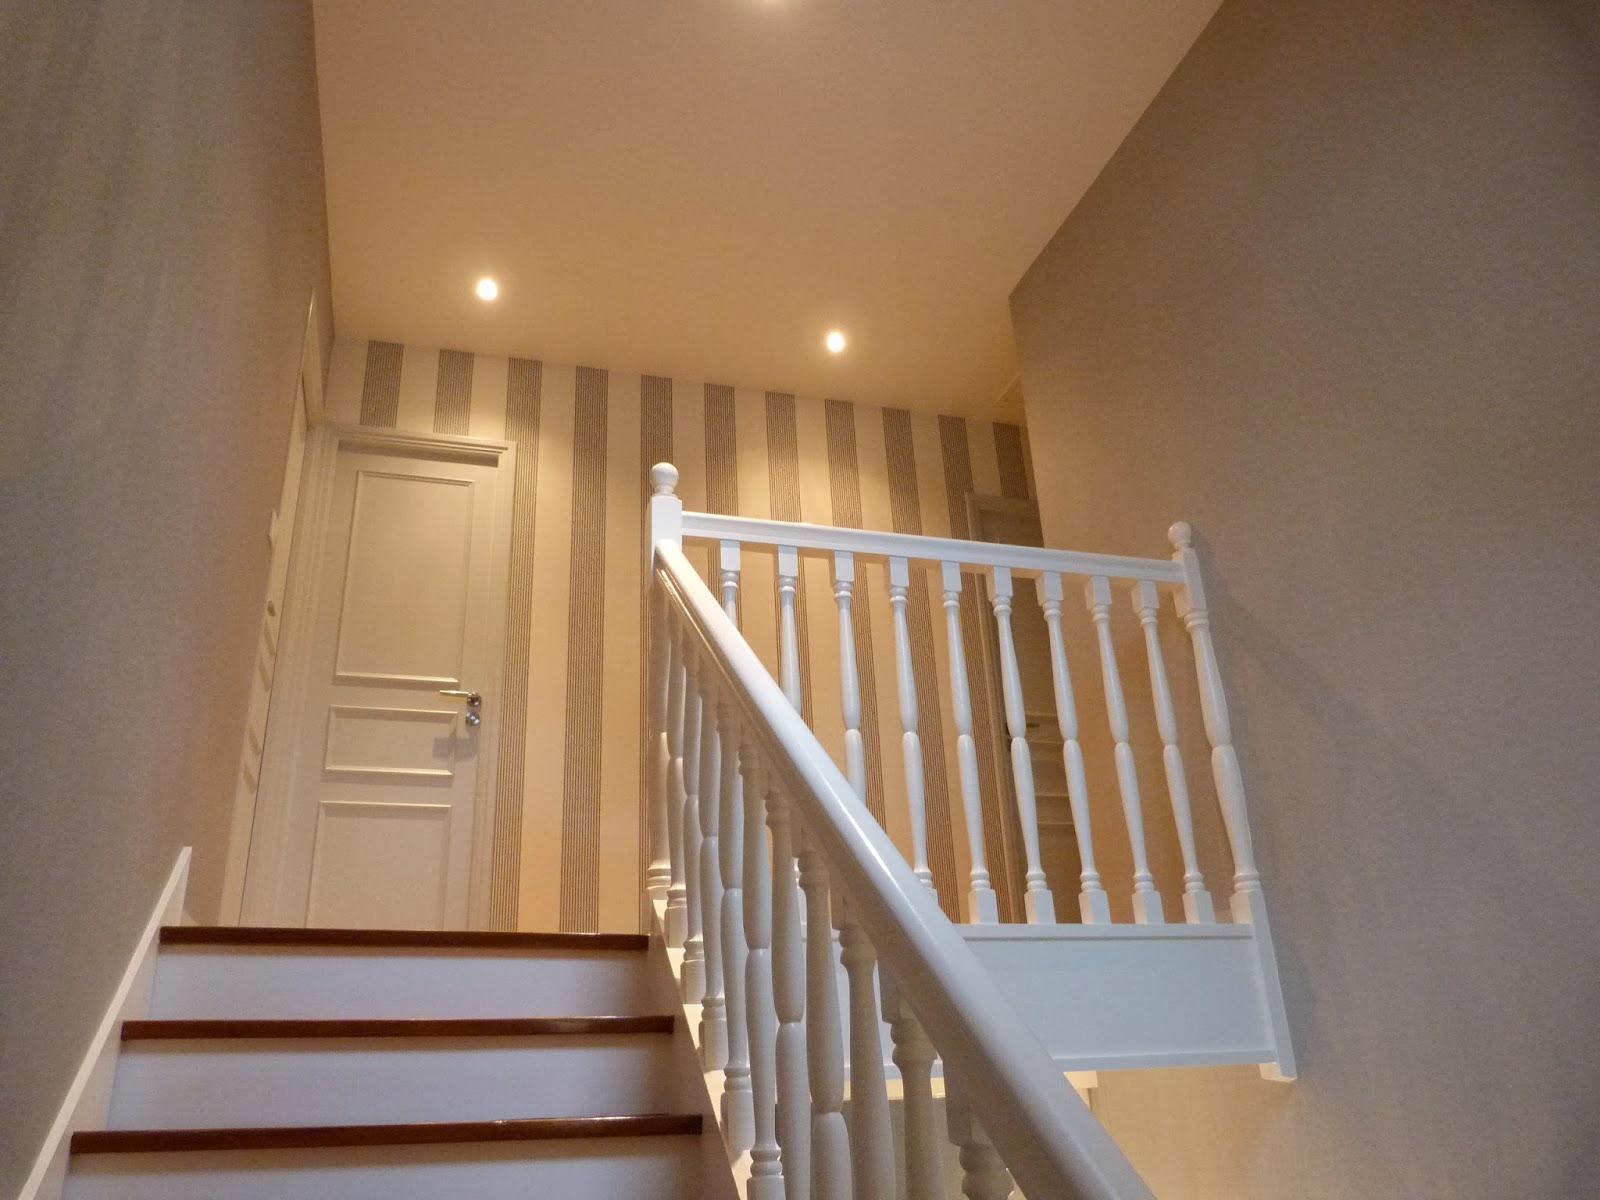 relooker un escalier bois best elegant peindre son escalier rouen pas photo peindre un escalier. Black Bedroom Furniture Sets. Home Design Ideas